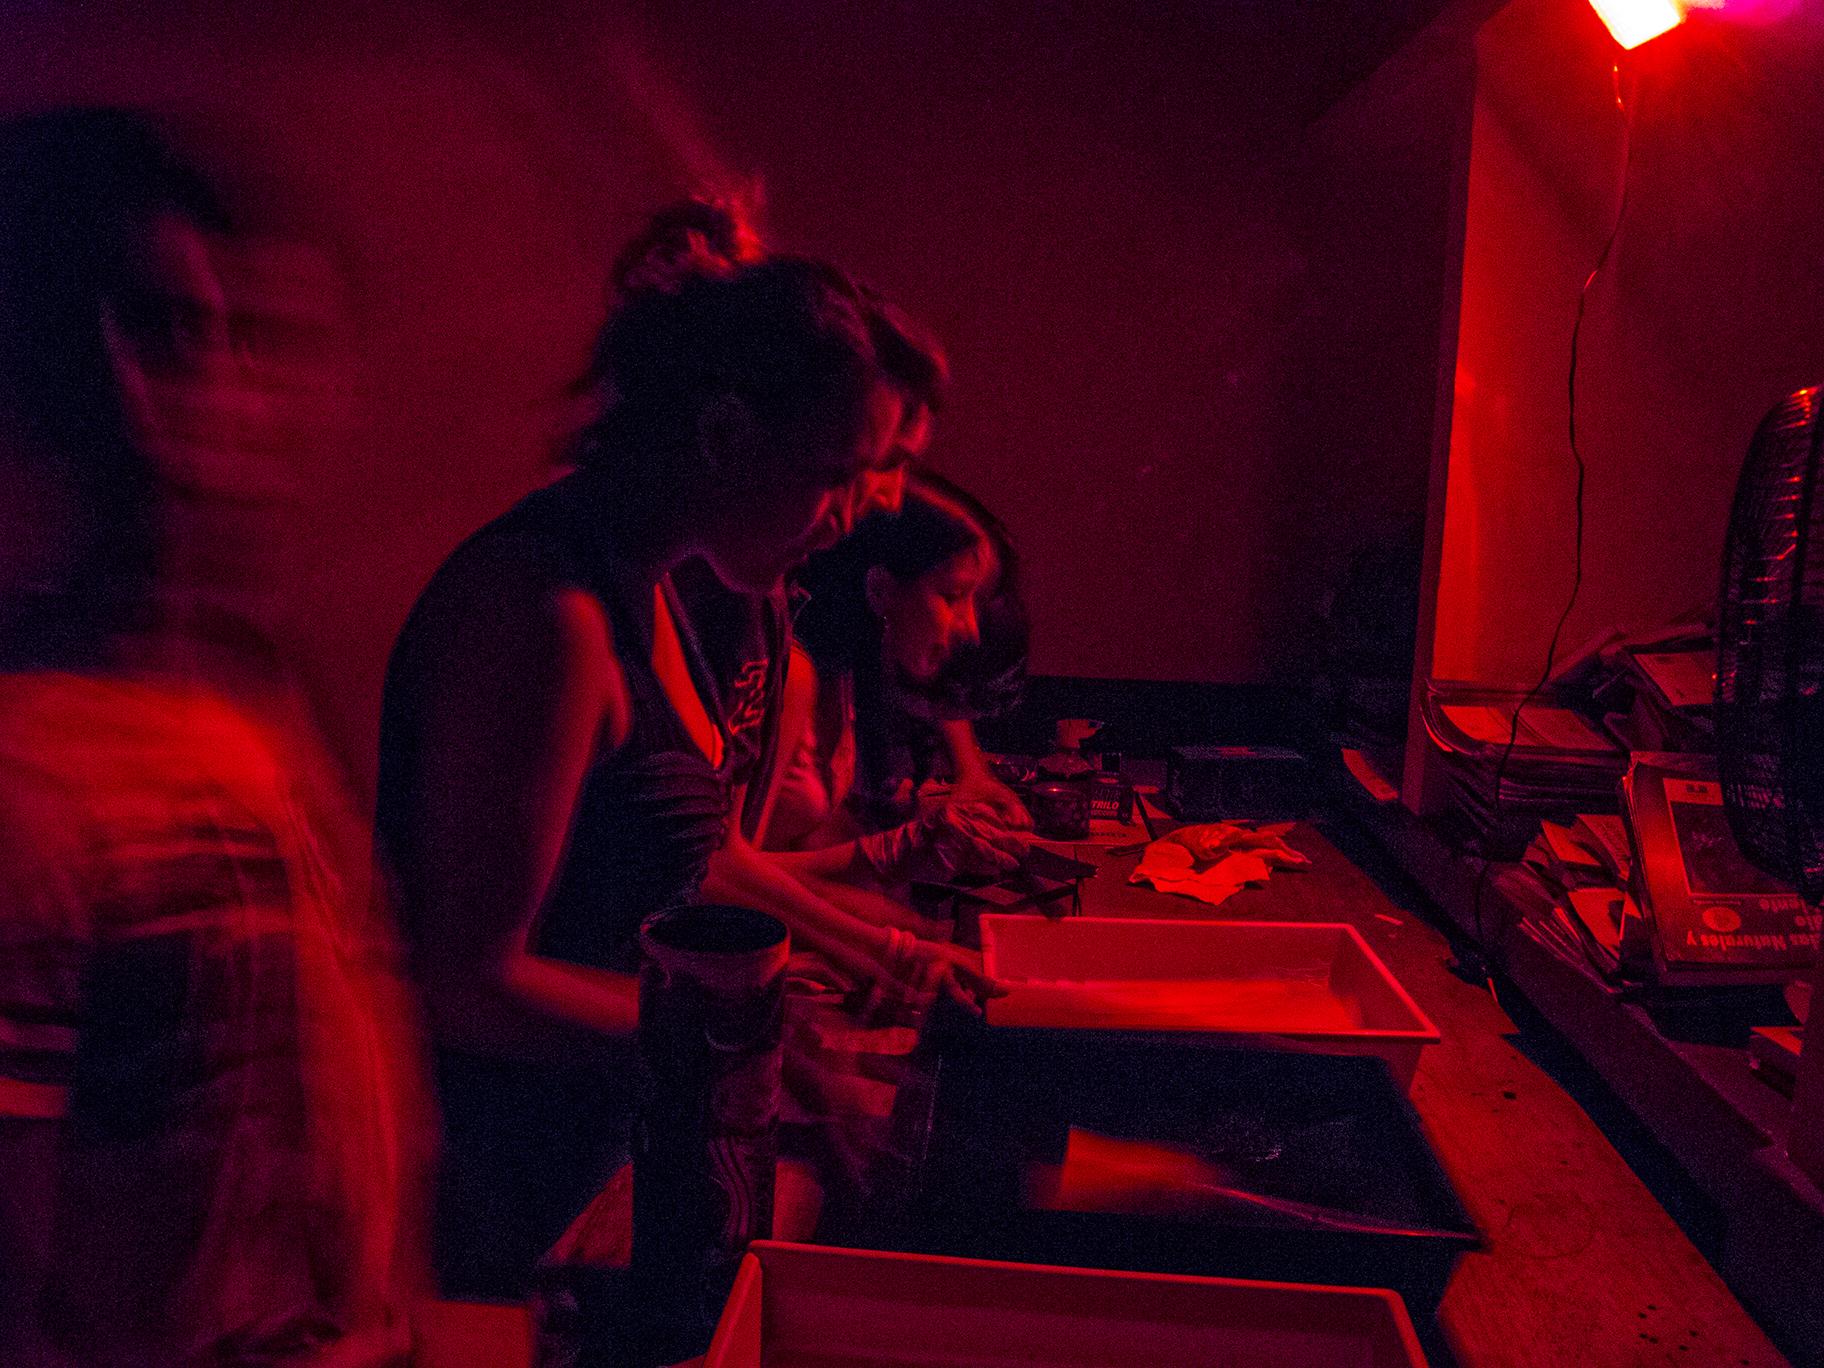 cuarto oscuro 002_1.jpg